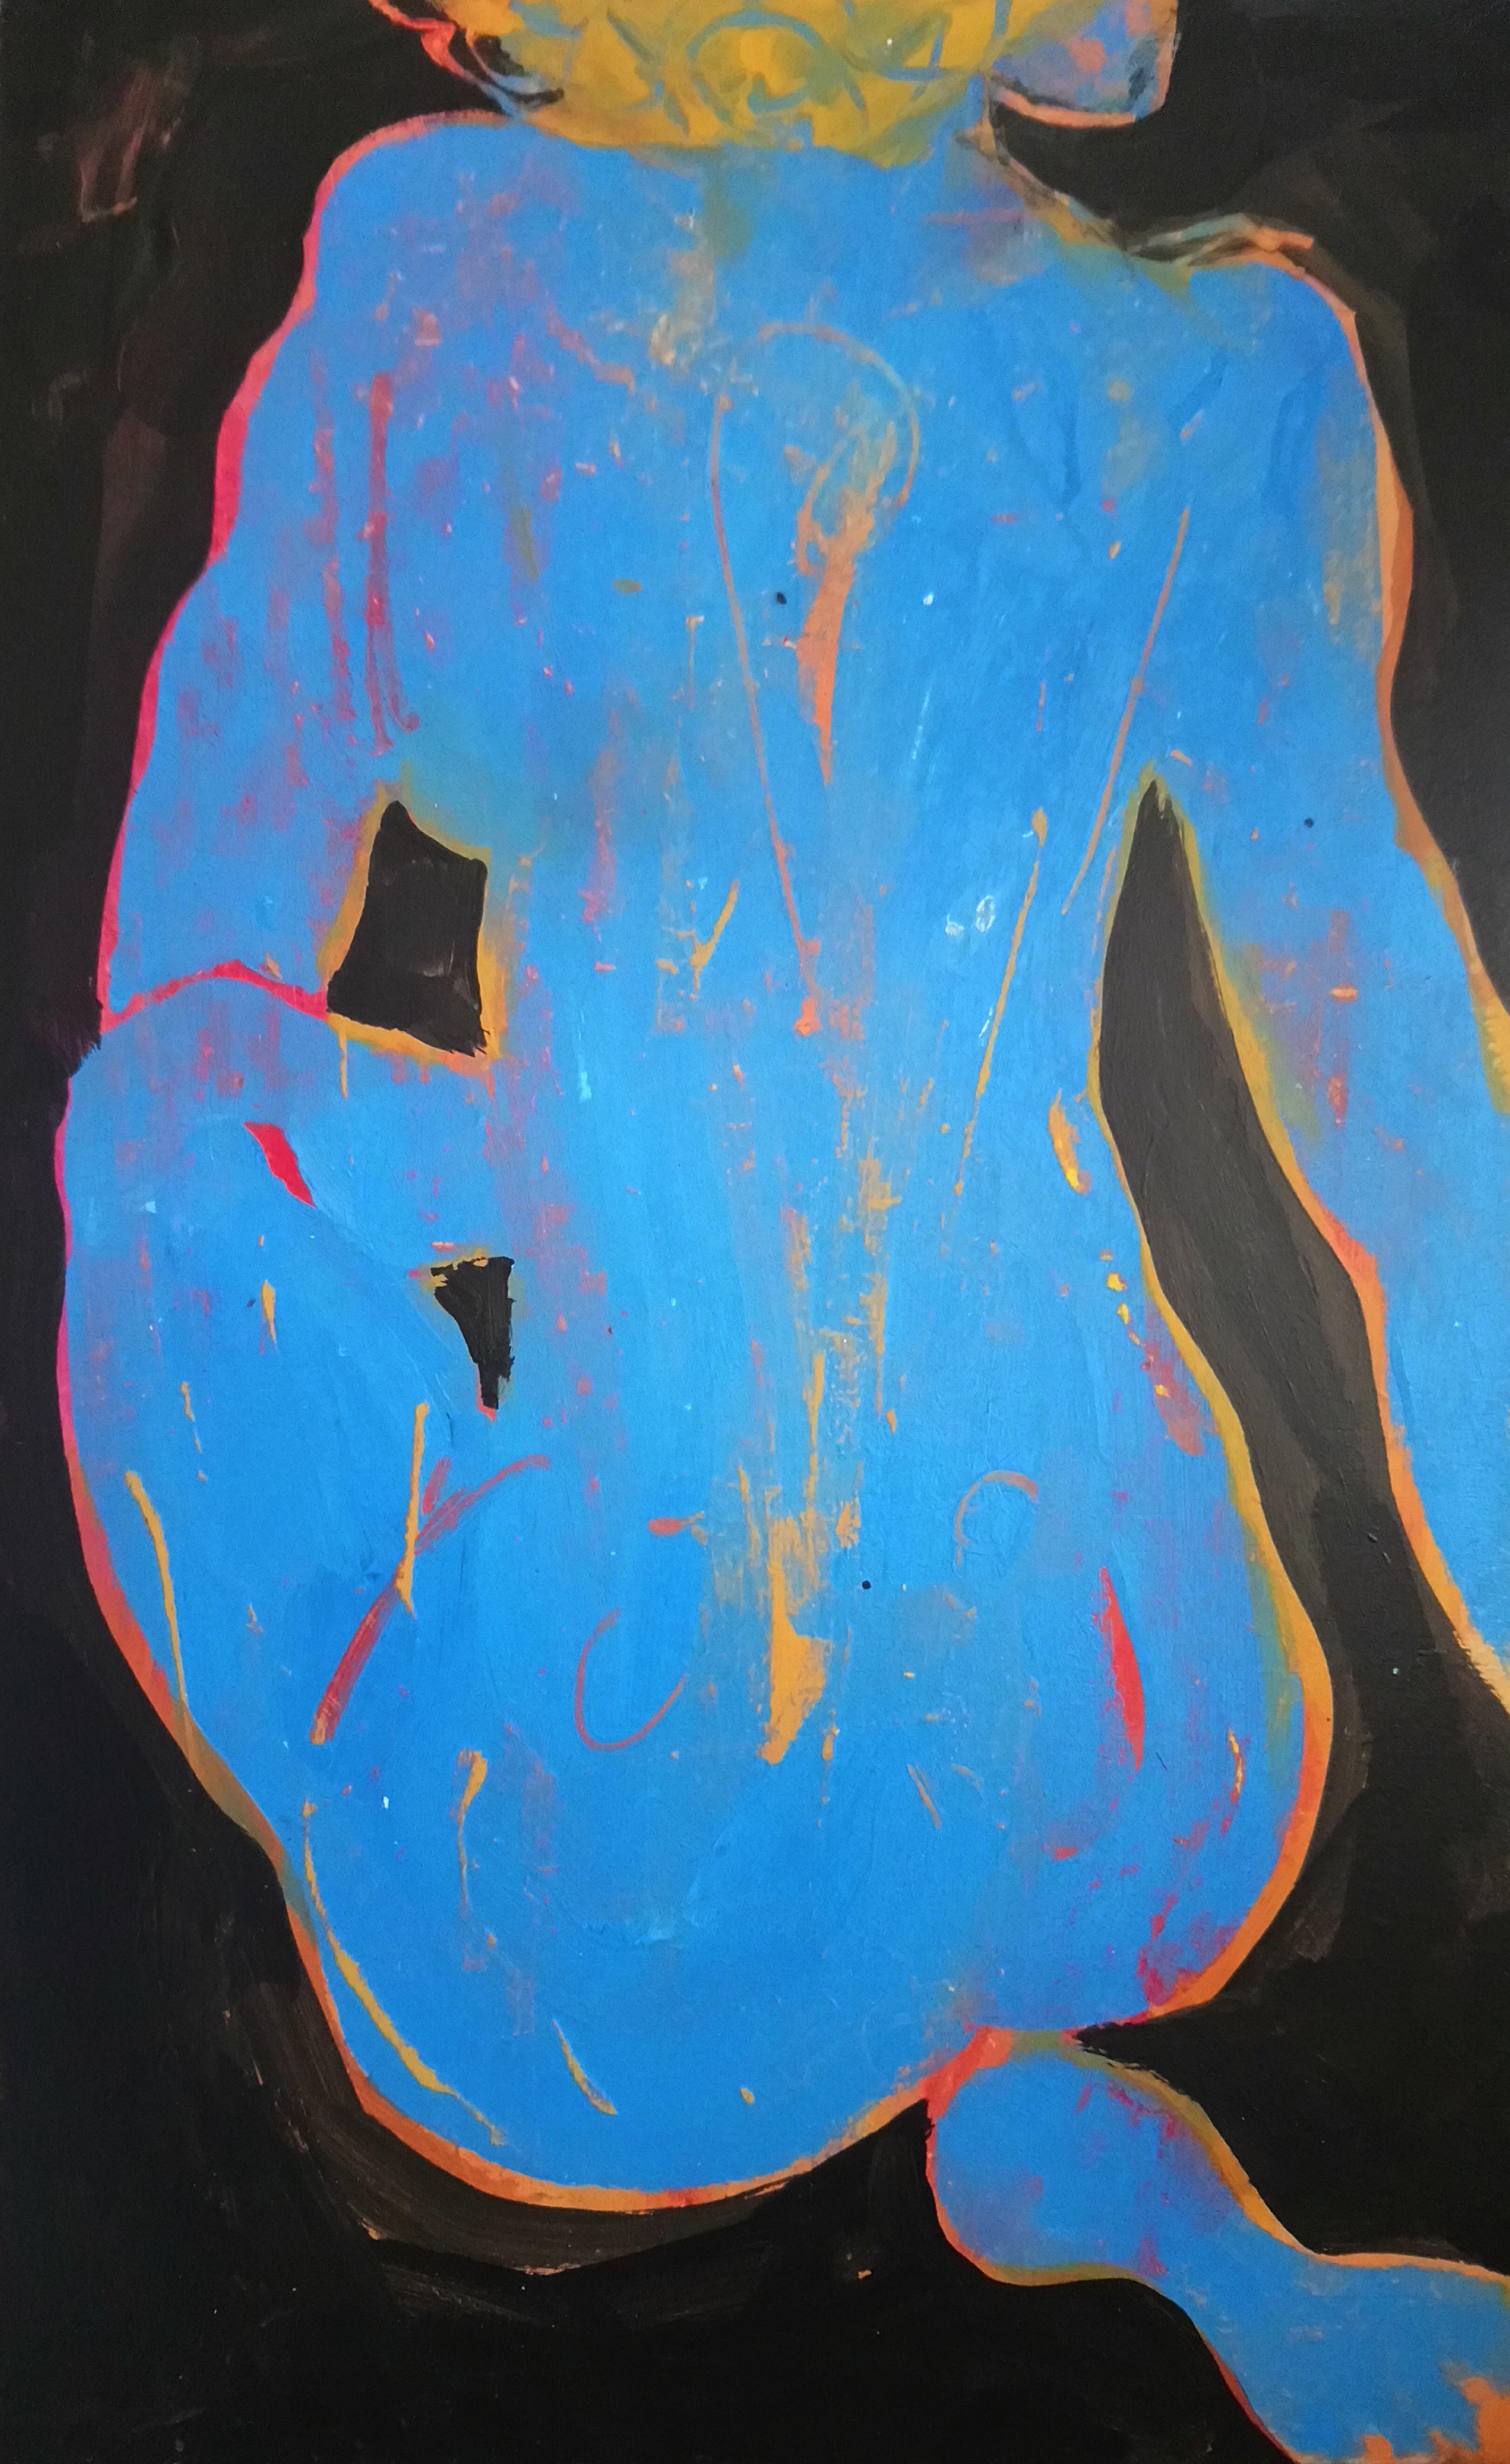 Amanda Blue Nude amanda_watt_blue_nude | the organ